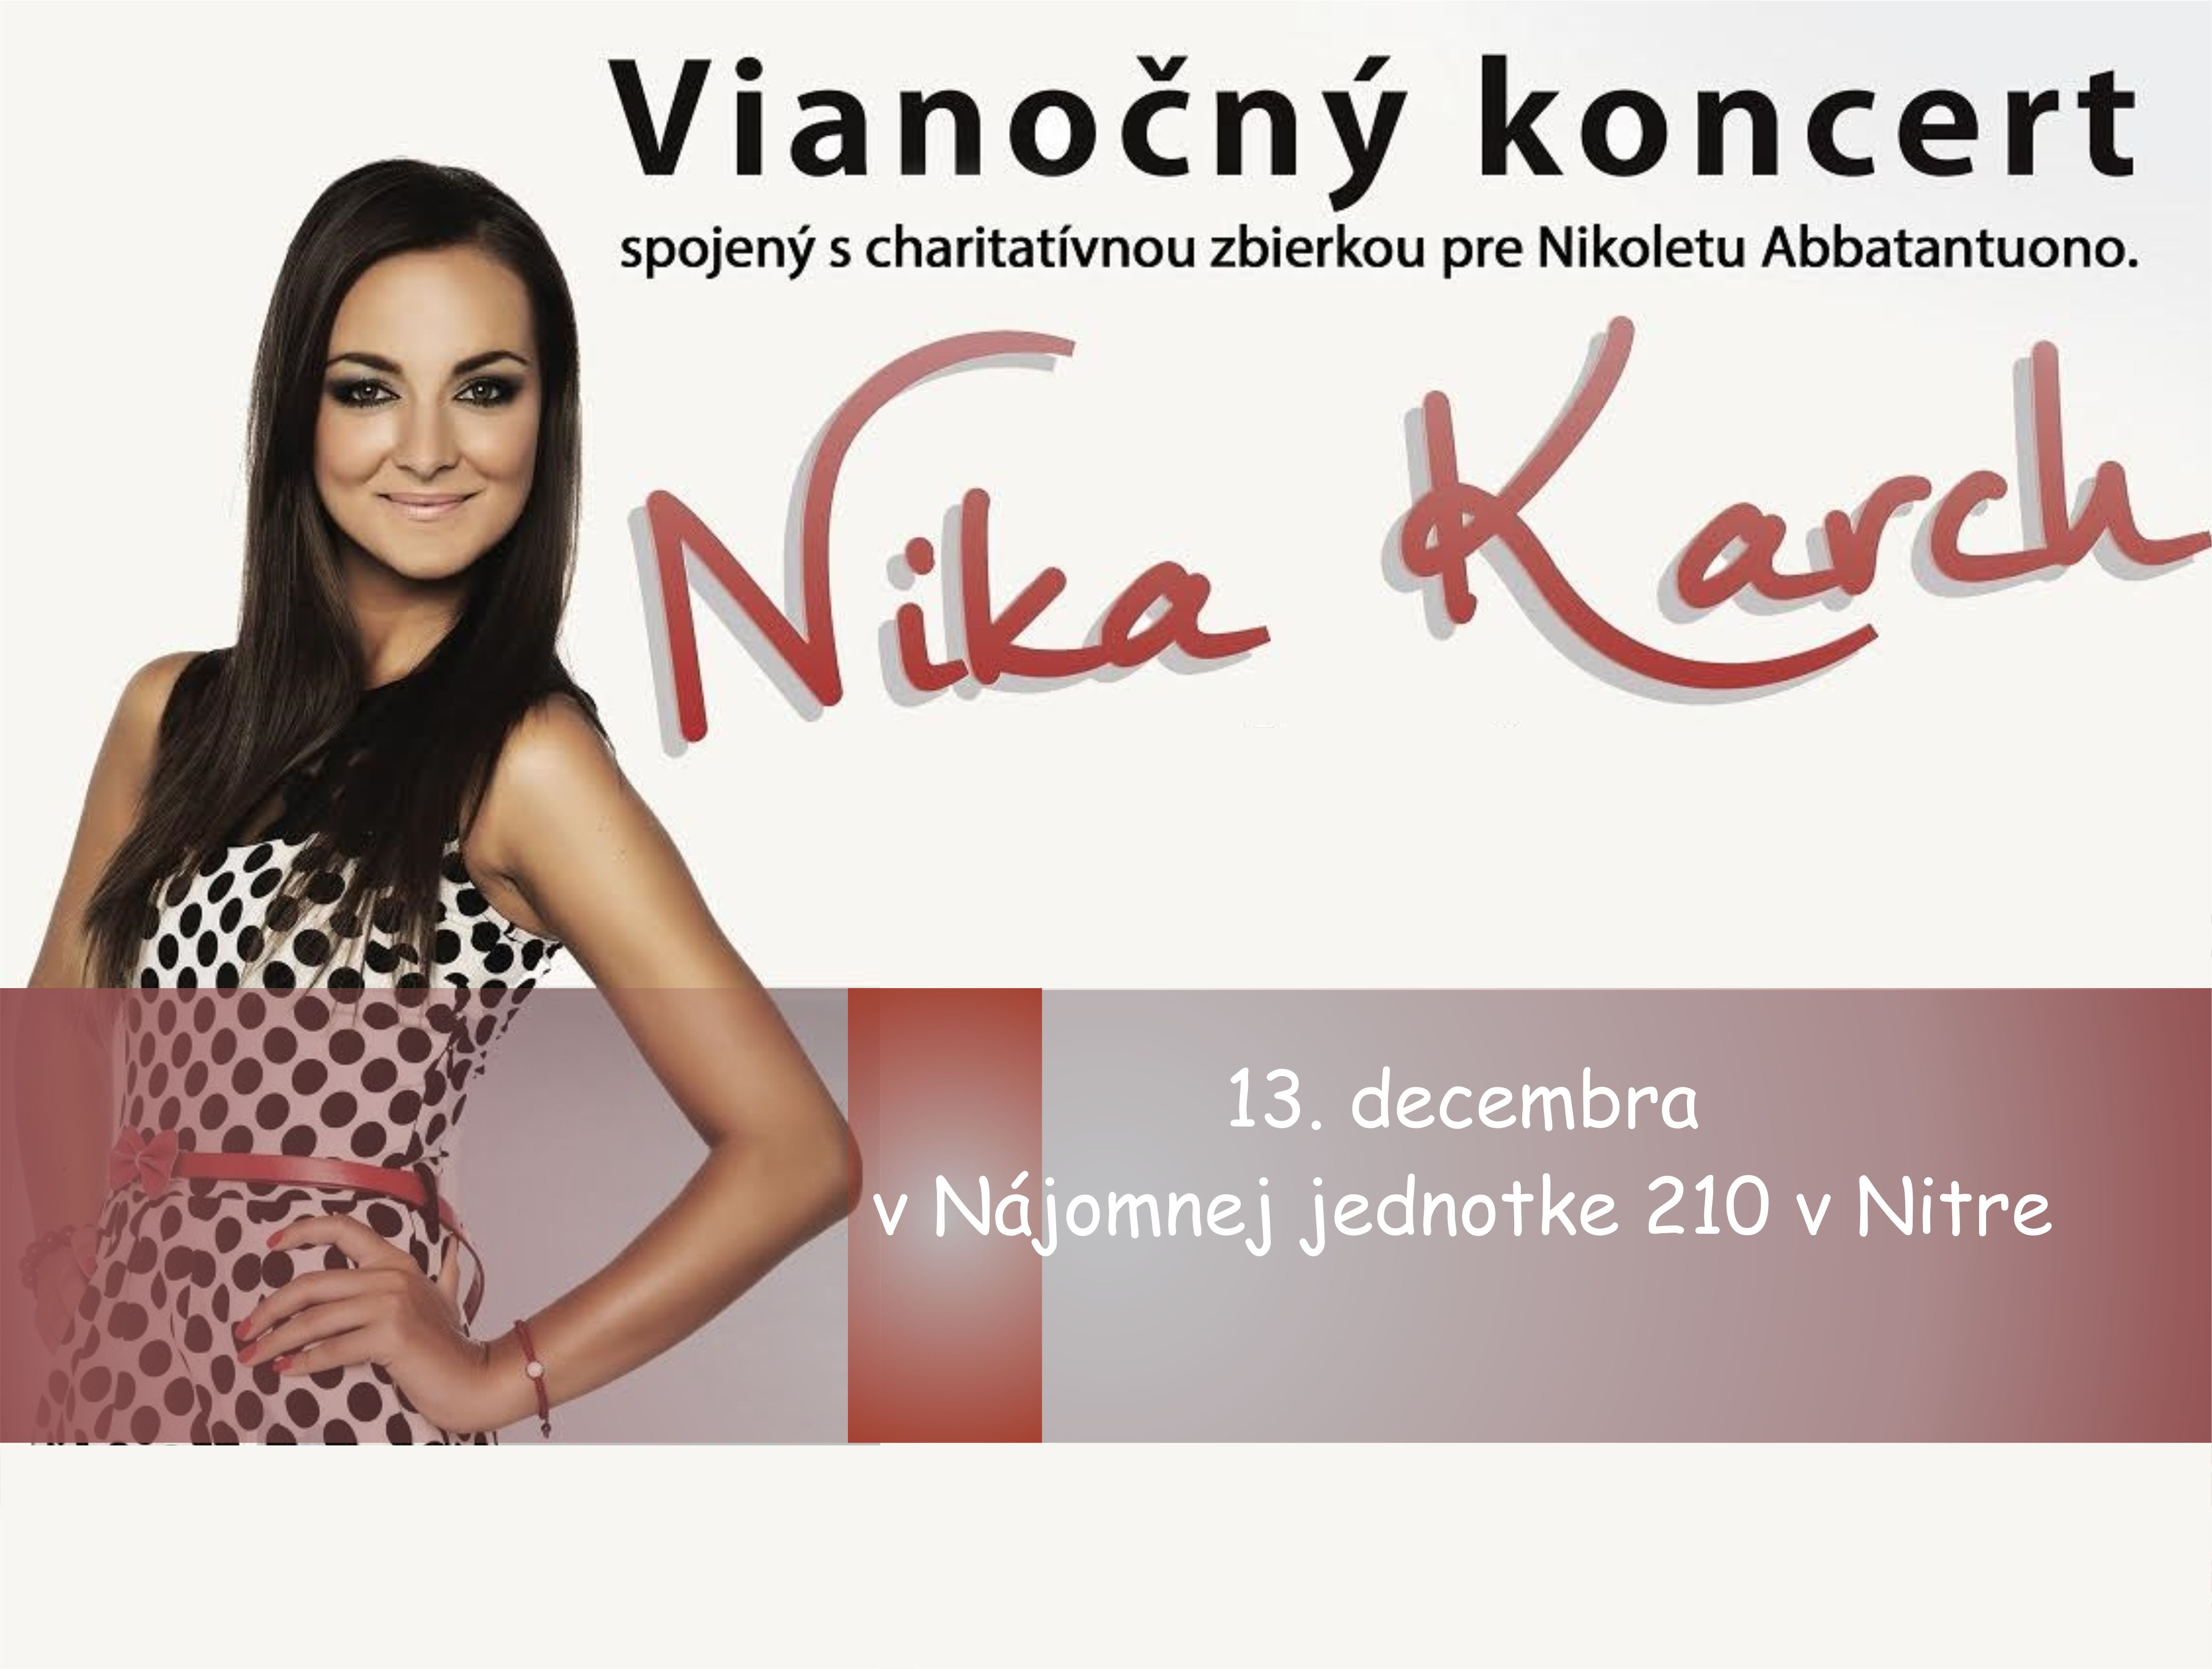 Vianočný koncert Nika Karch a hostia  Mário - Kam v meste  98935d01183